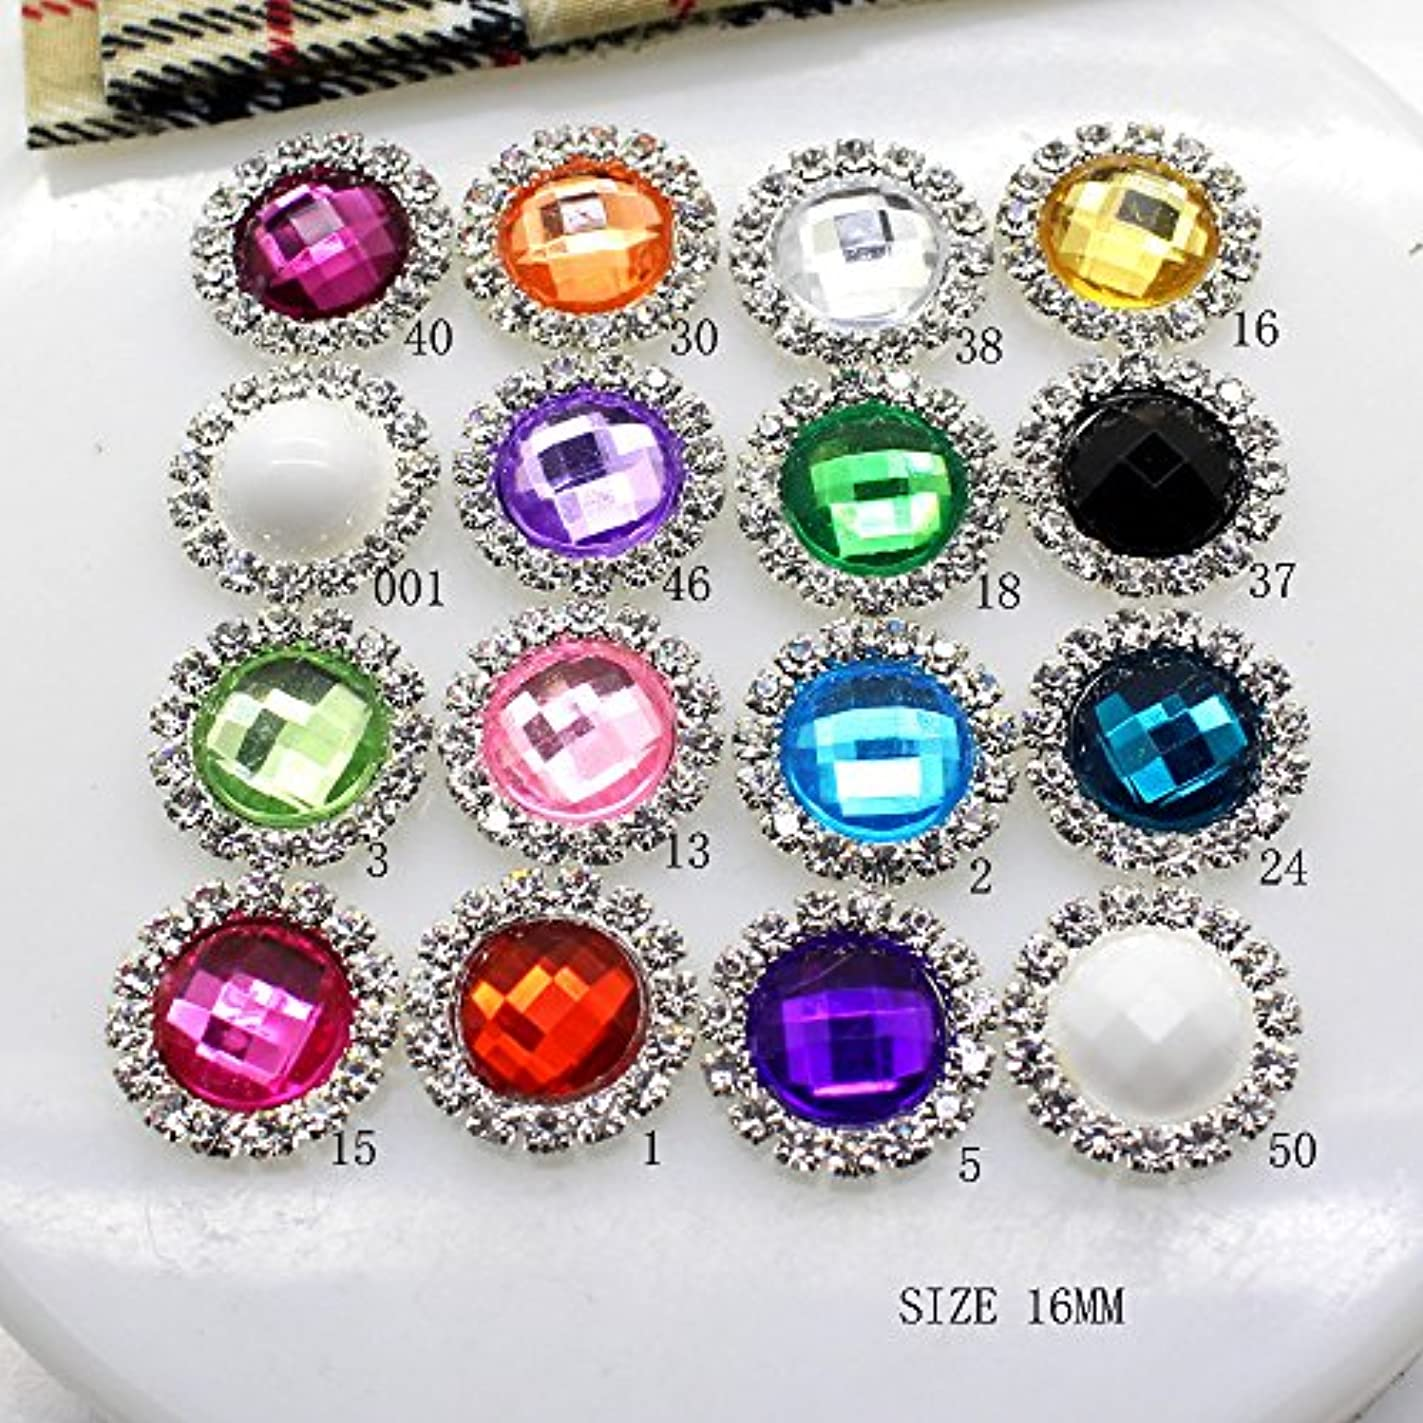 または役員ダブルPropenary - 10個入り/ LOTアクリル16MMラインストーンのボタンDIYダイヤモンドのボタンの招待ゲイルヘアちょう結びフラワーアクセサリー[いいえ15]